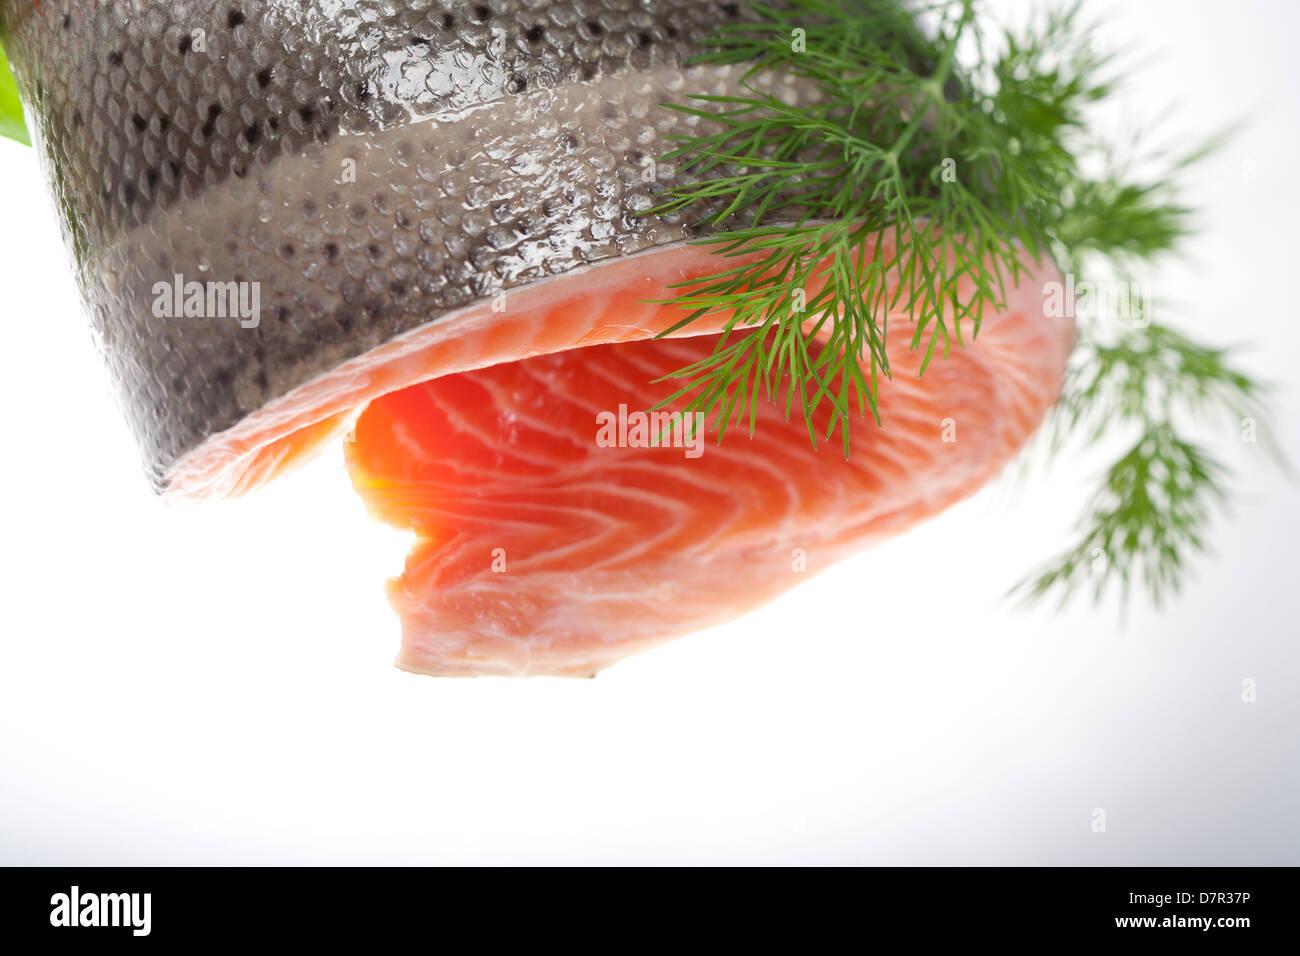 Salmon Eye Stock Photos & Salmon Eye Stock Images - Page 3 - Alamy